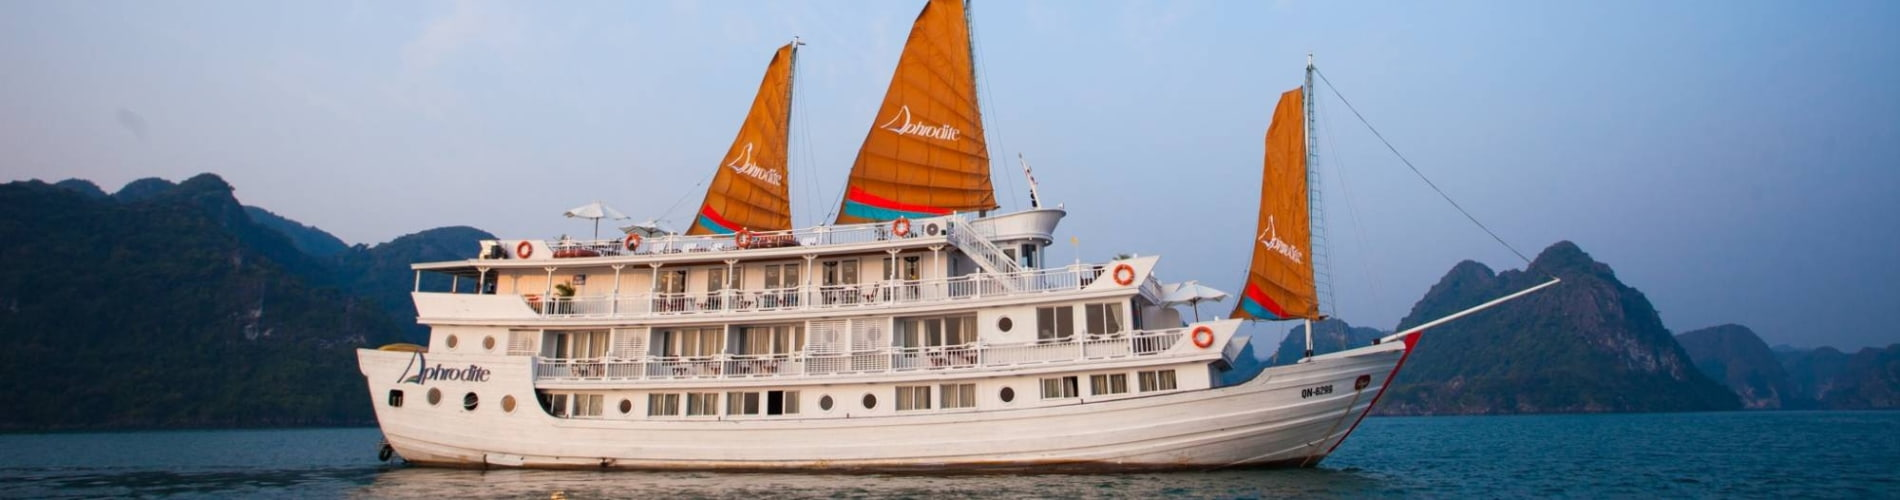 Aphrodite Cruise